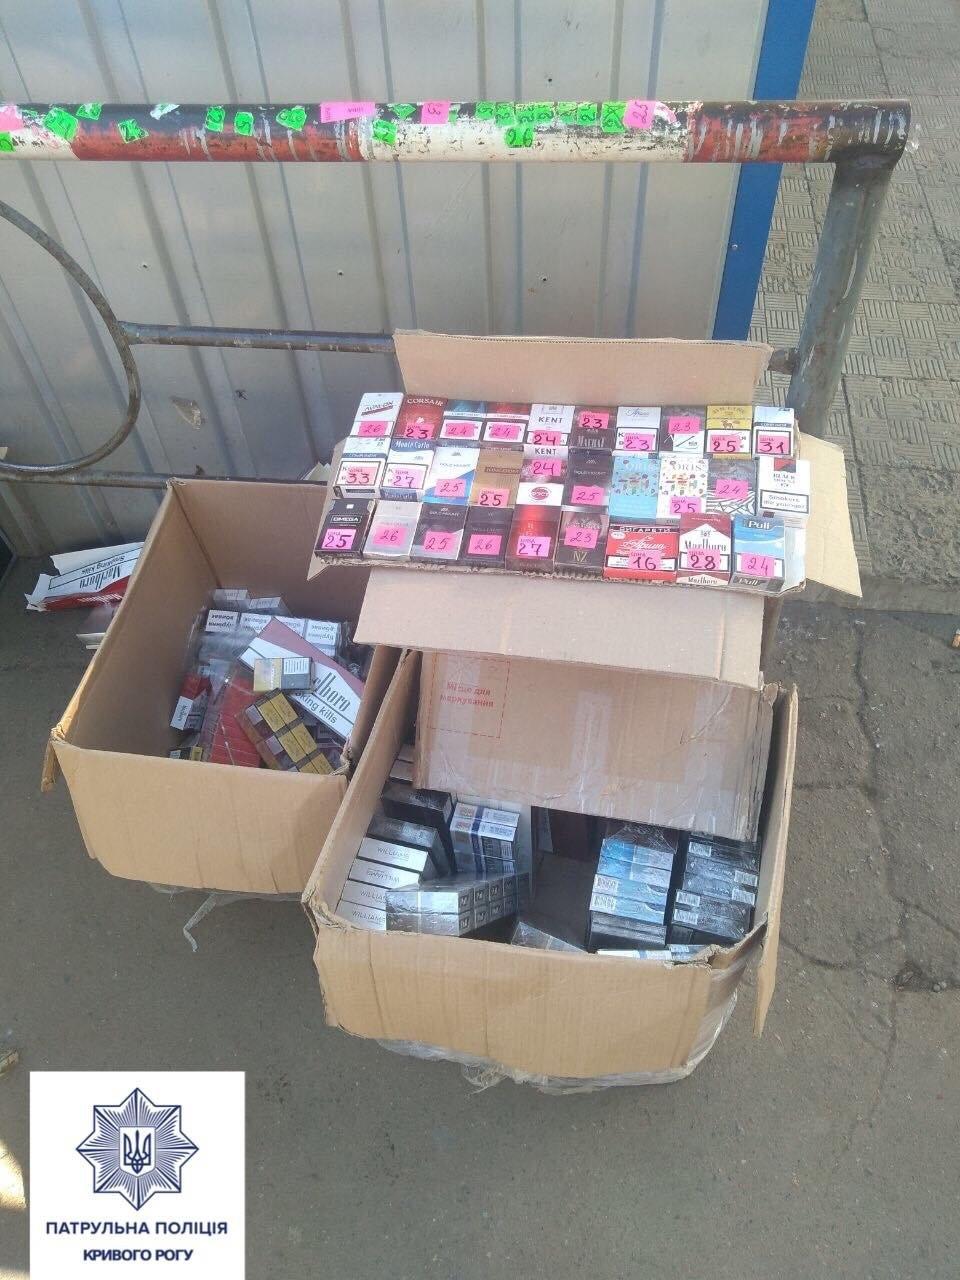 В Кривом Роге конфисковали коробки с контрабандным товаром, - ФОТО, фото-2